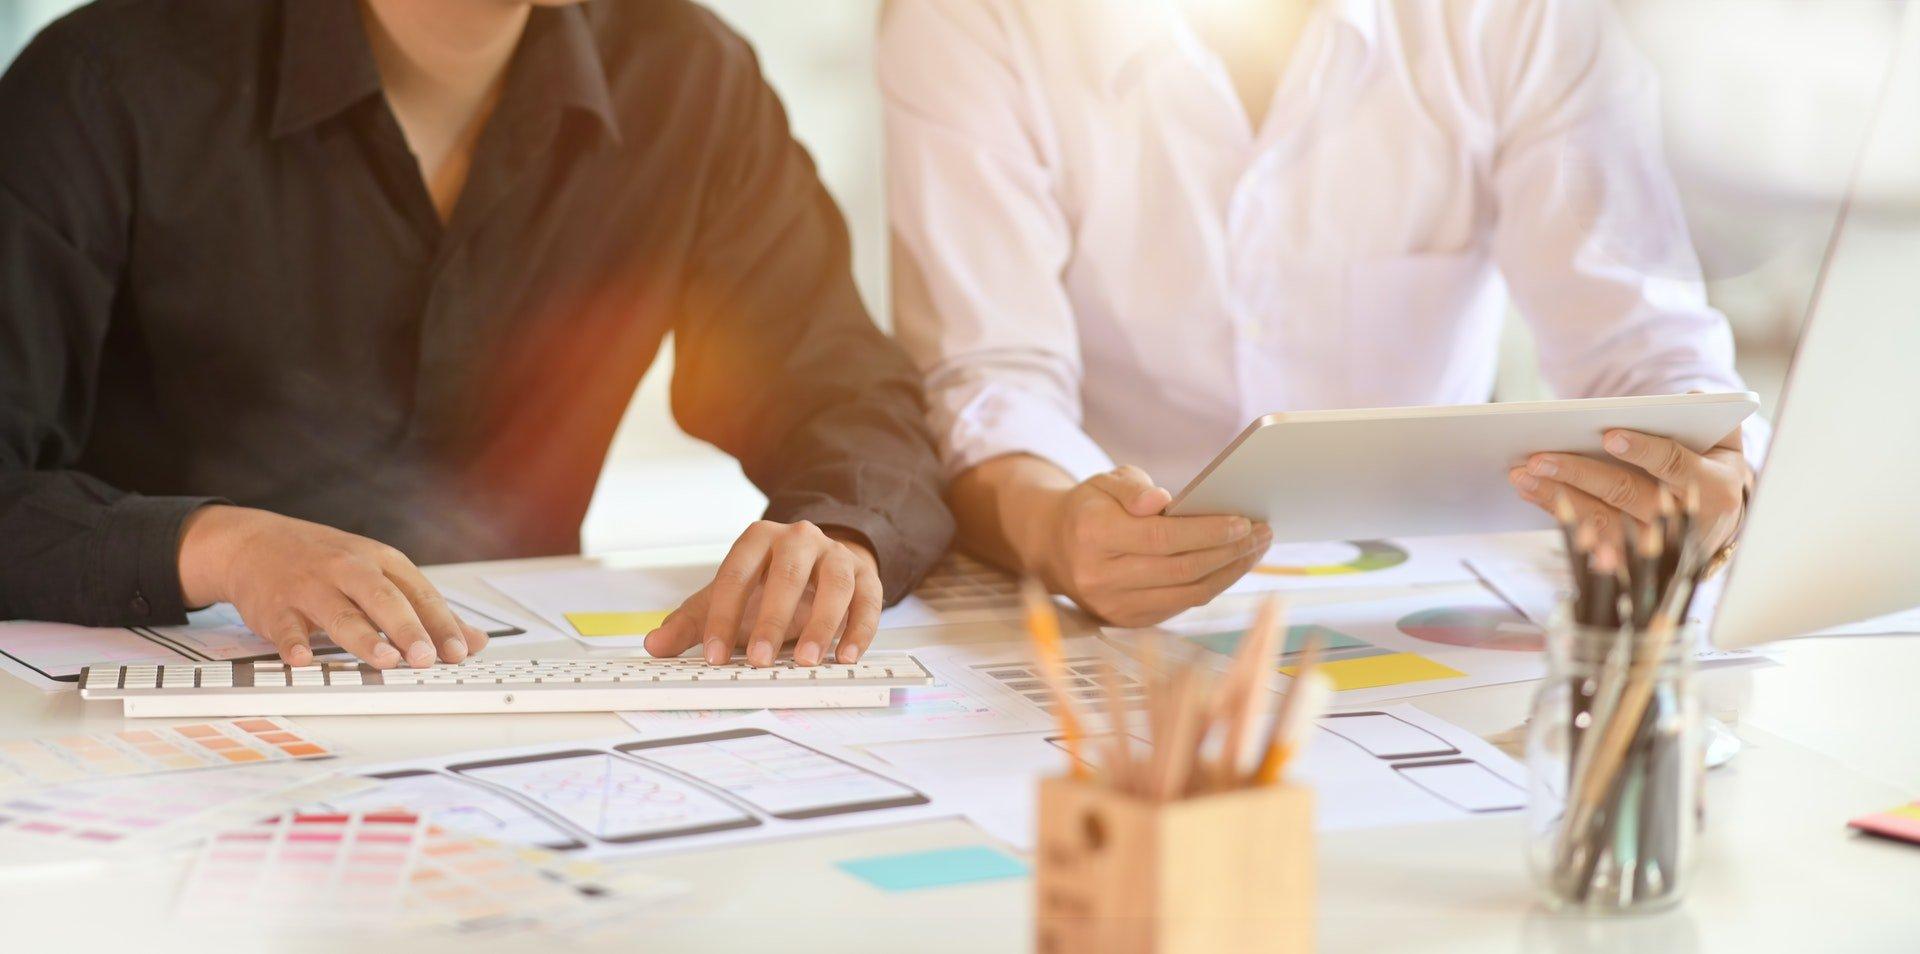 Berufsprofil Hotel Sales Manager: Aufgaben, Voraussetzungen und Karriere